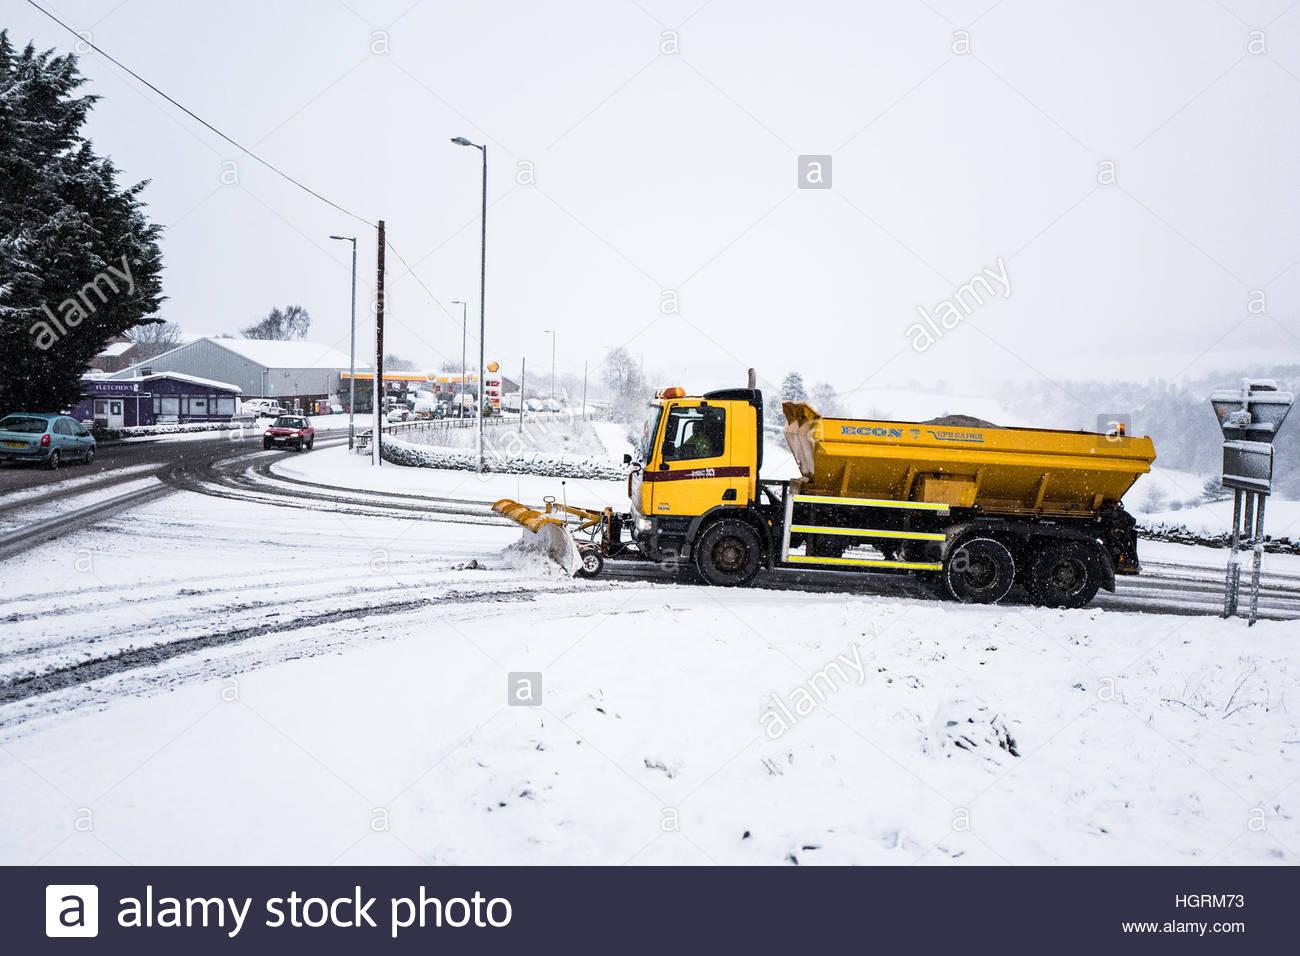 Selkirk, Scottish Borders, UK. Il 12 gennaio 2017. Un Snow Plough rende il modo su poi A7 road a Selkirk. La zona Immagini Stock